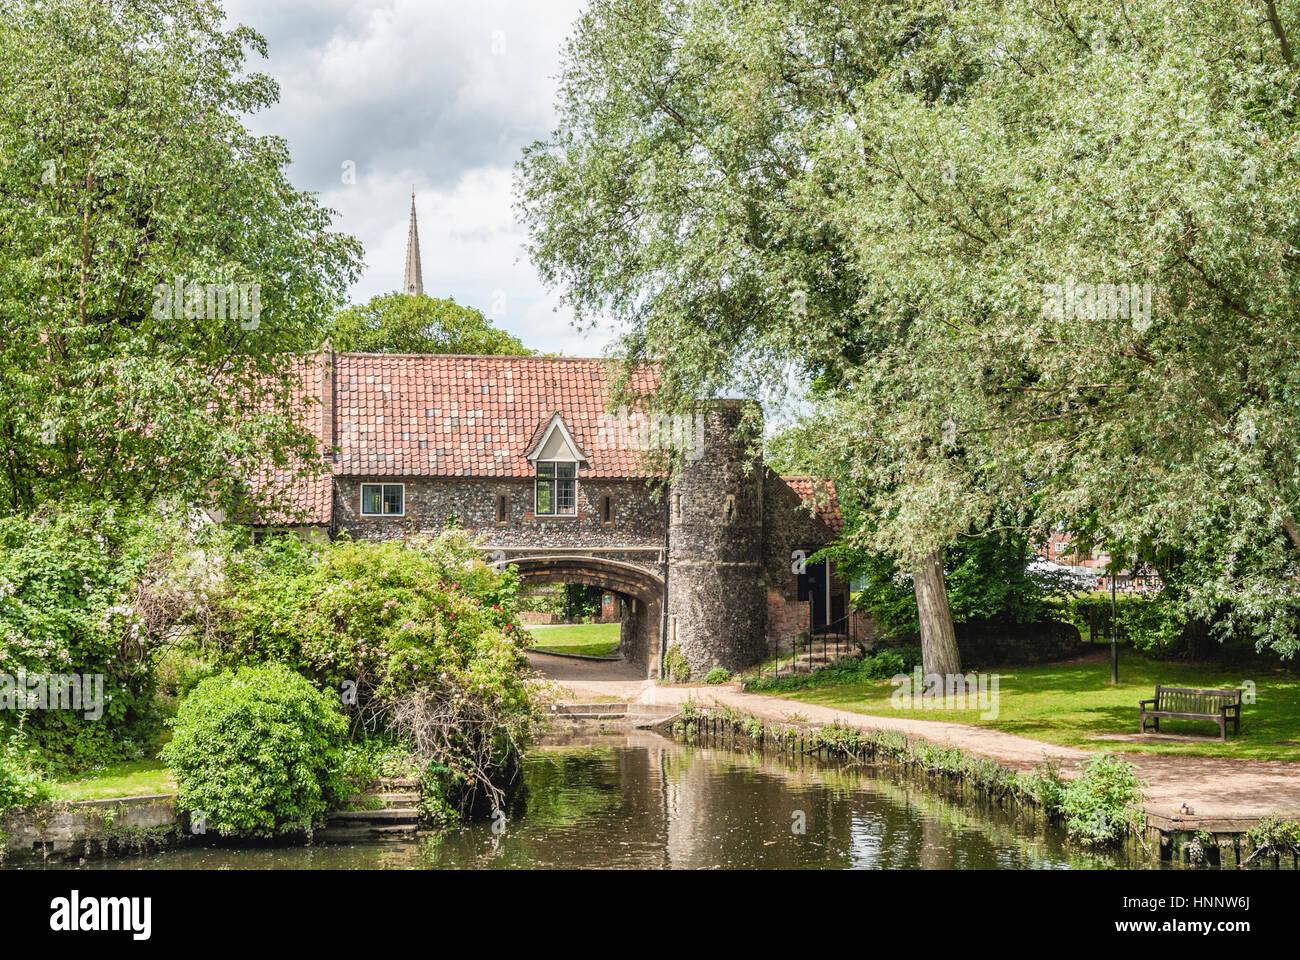 Die Norwich zieht Fähre Watergate, Norfolk, England. Zieht Fähre liegt am Fluss Wensum und ist eines der Stockbild